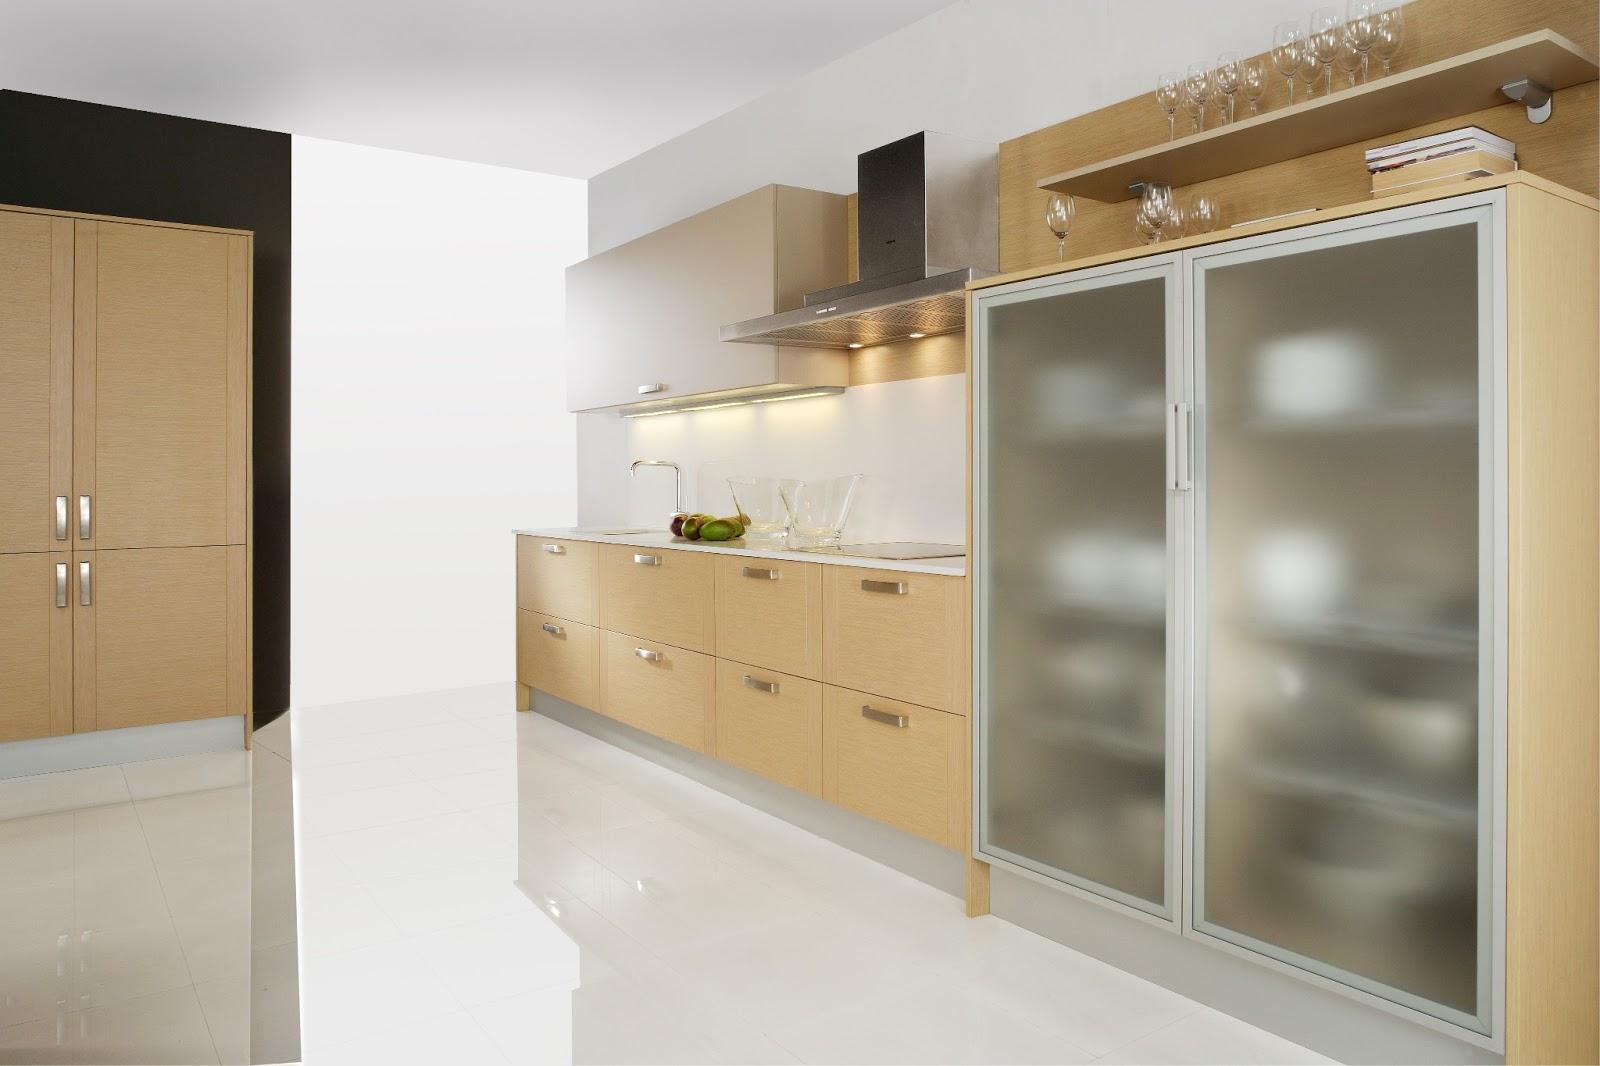 Casas cocinas mueble garrafas de vidrio - Cenefas adhesivas cocina ...